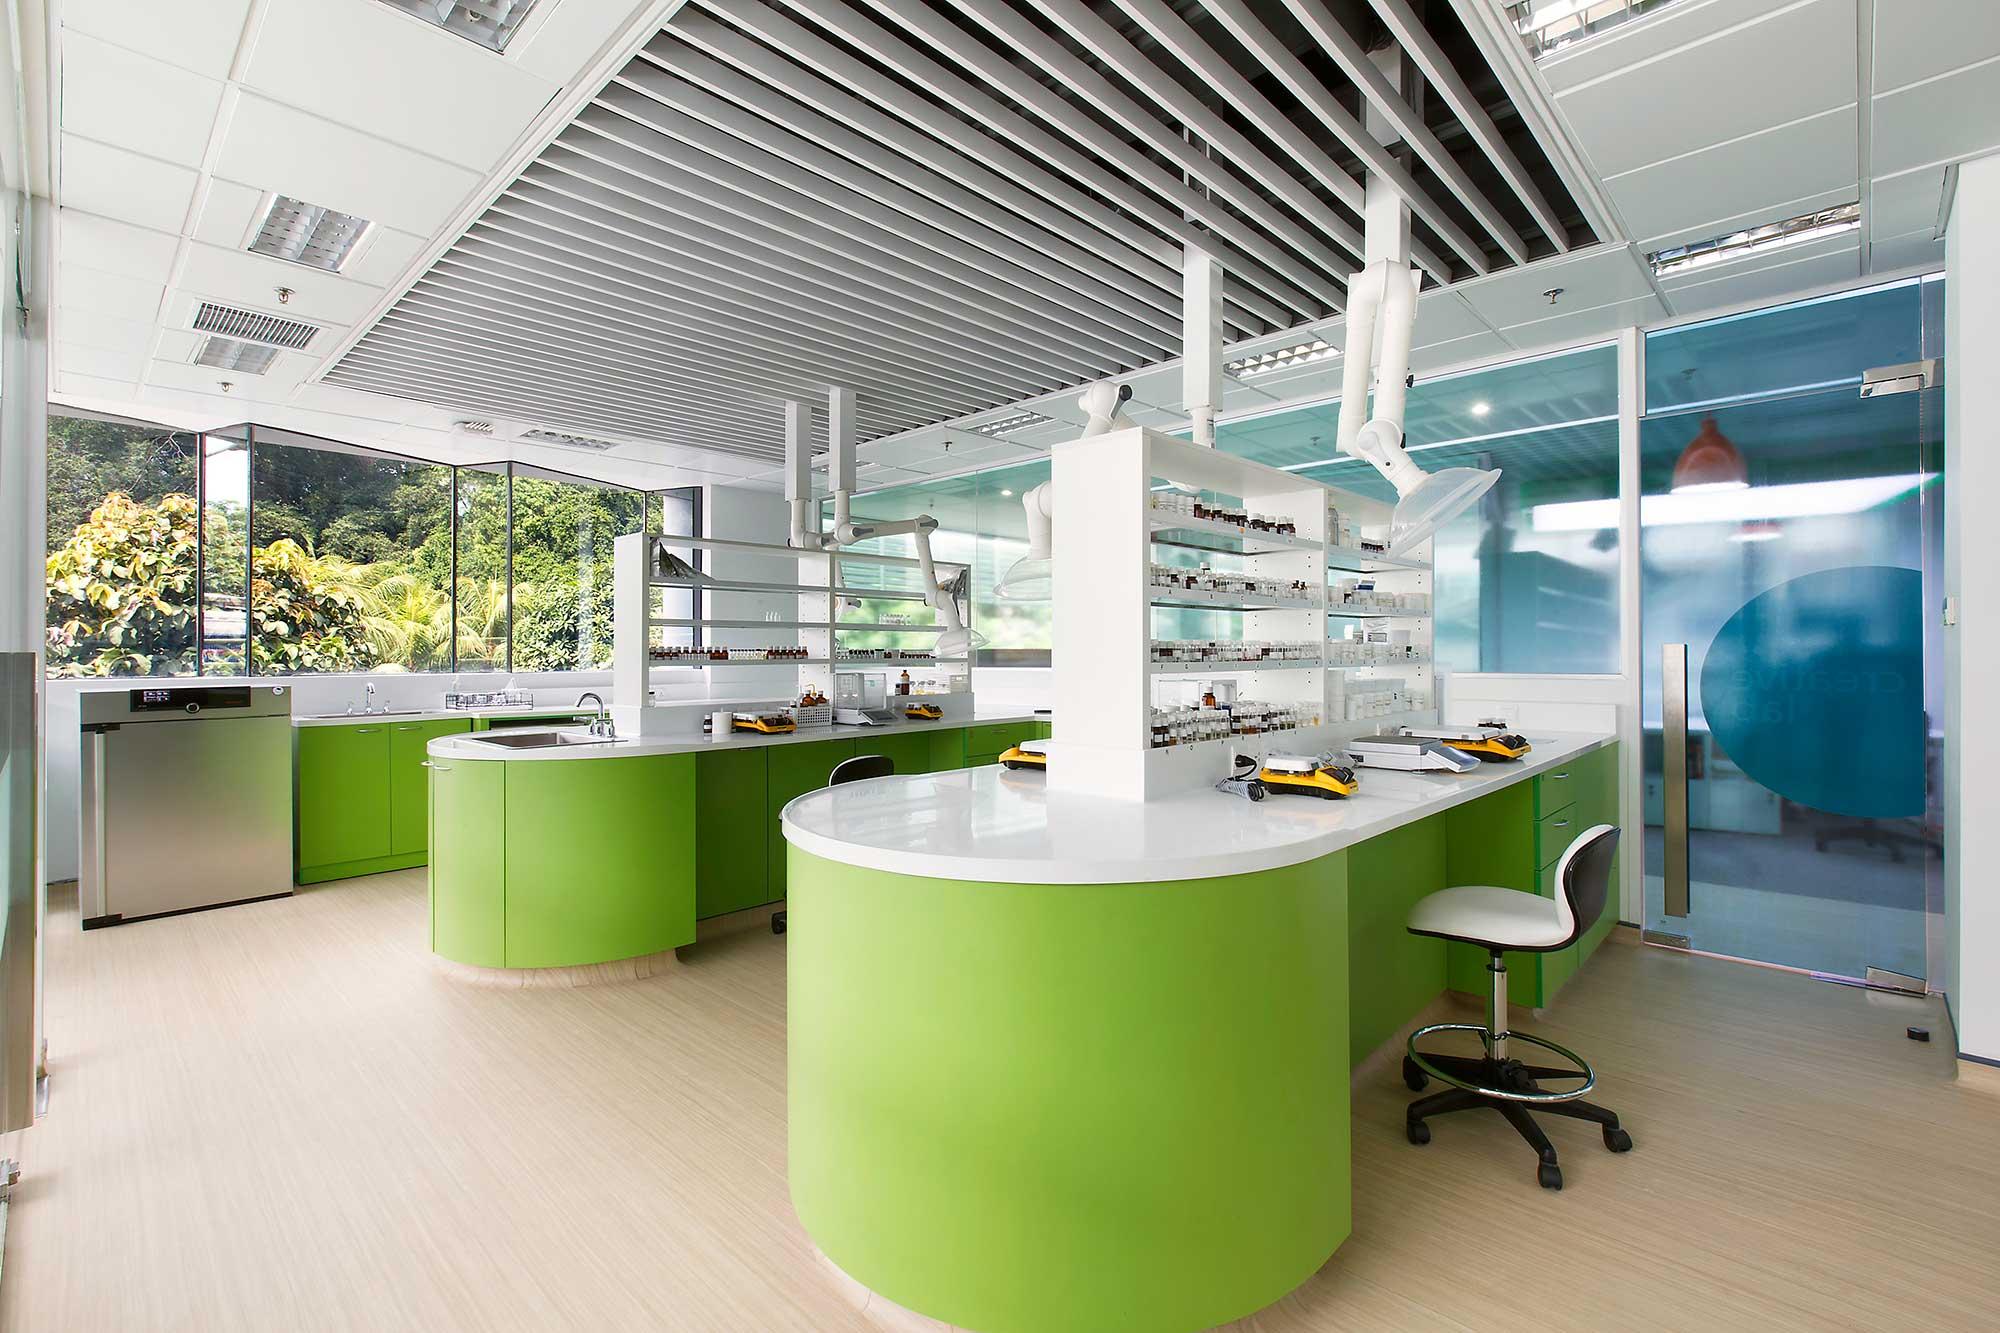 Laboratorium for IFF's research department. Interior Design + Build by AVIP.